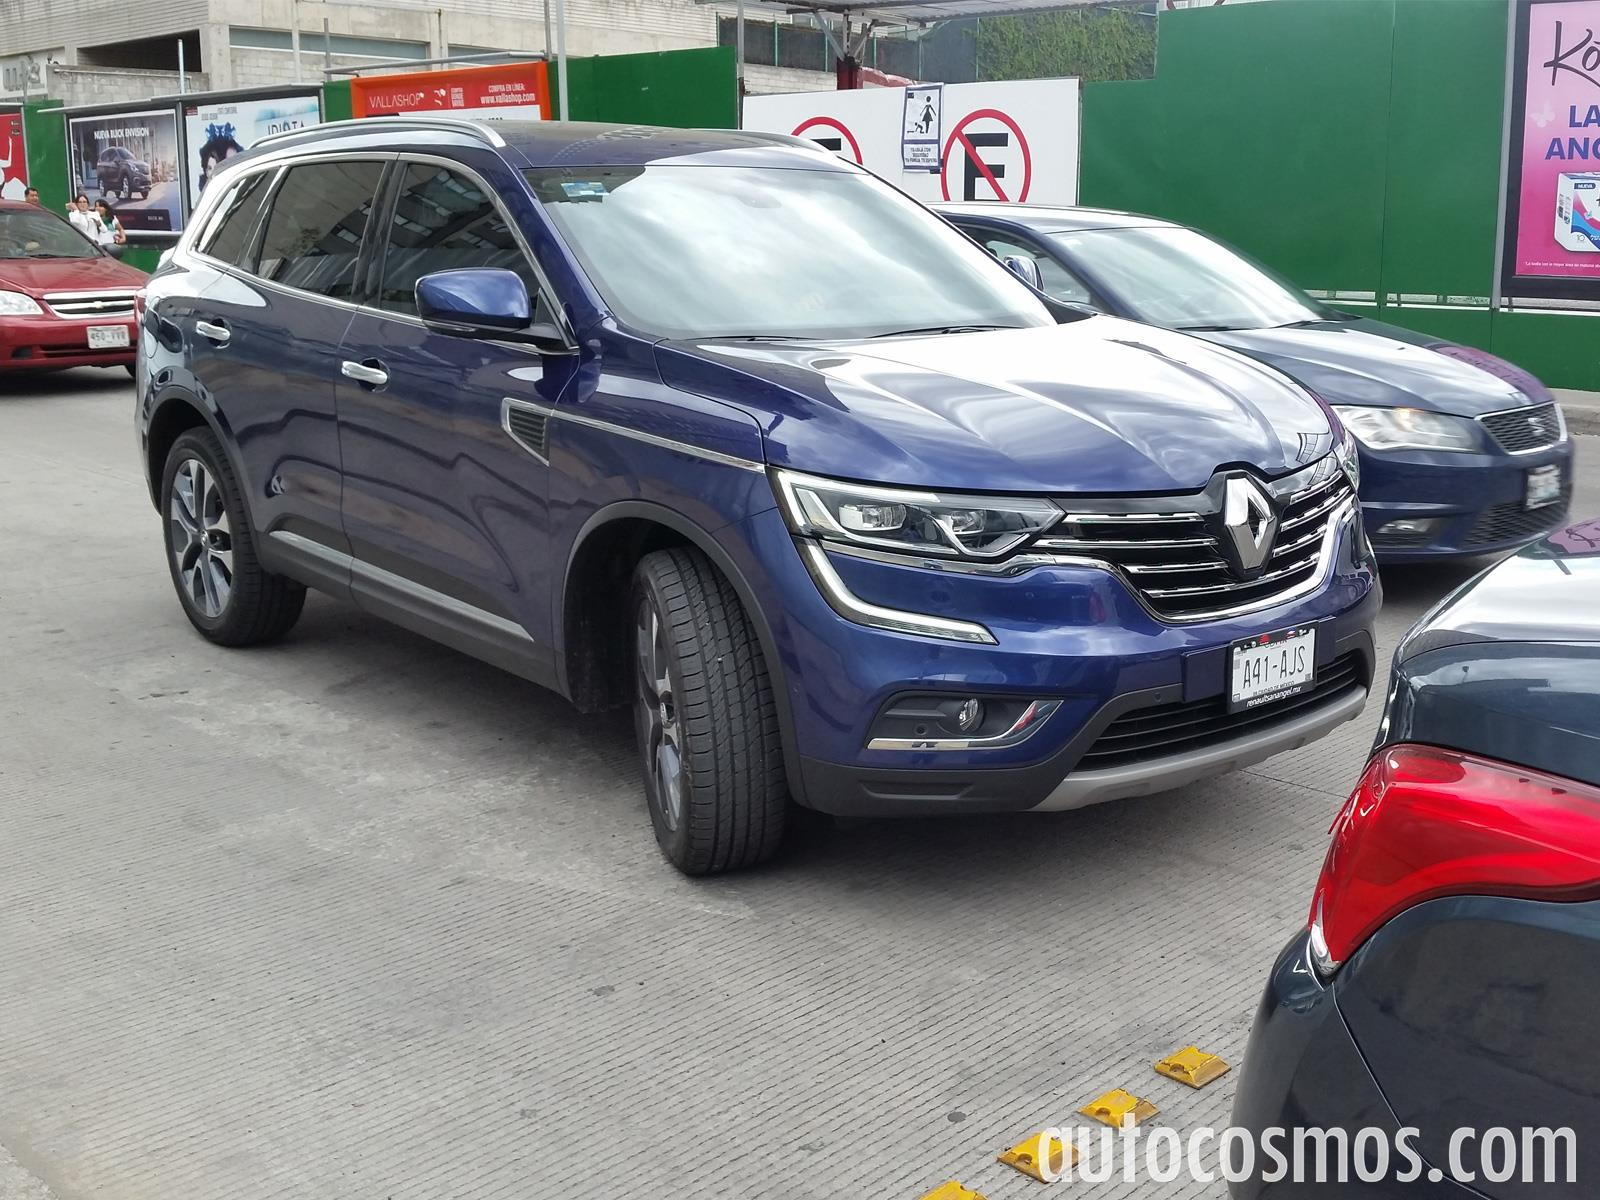 Renault Koleos 2017 Espiada En M 233 Xico Autocosmos Com